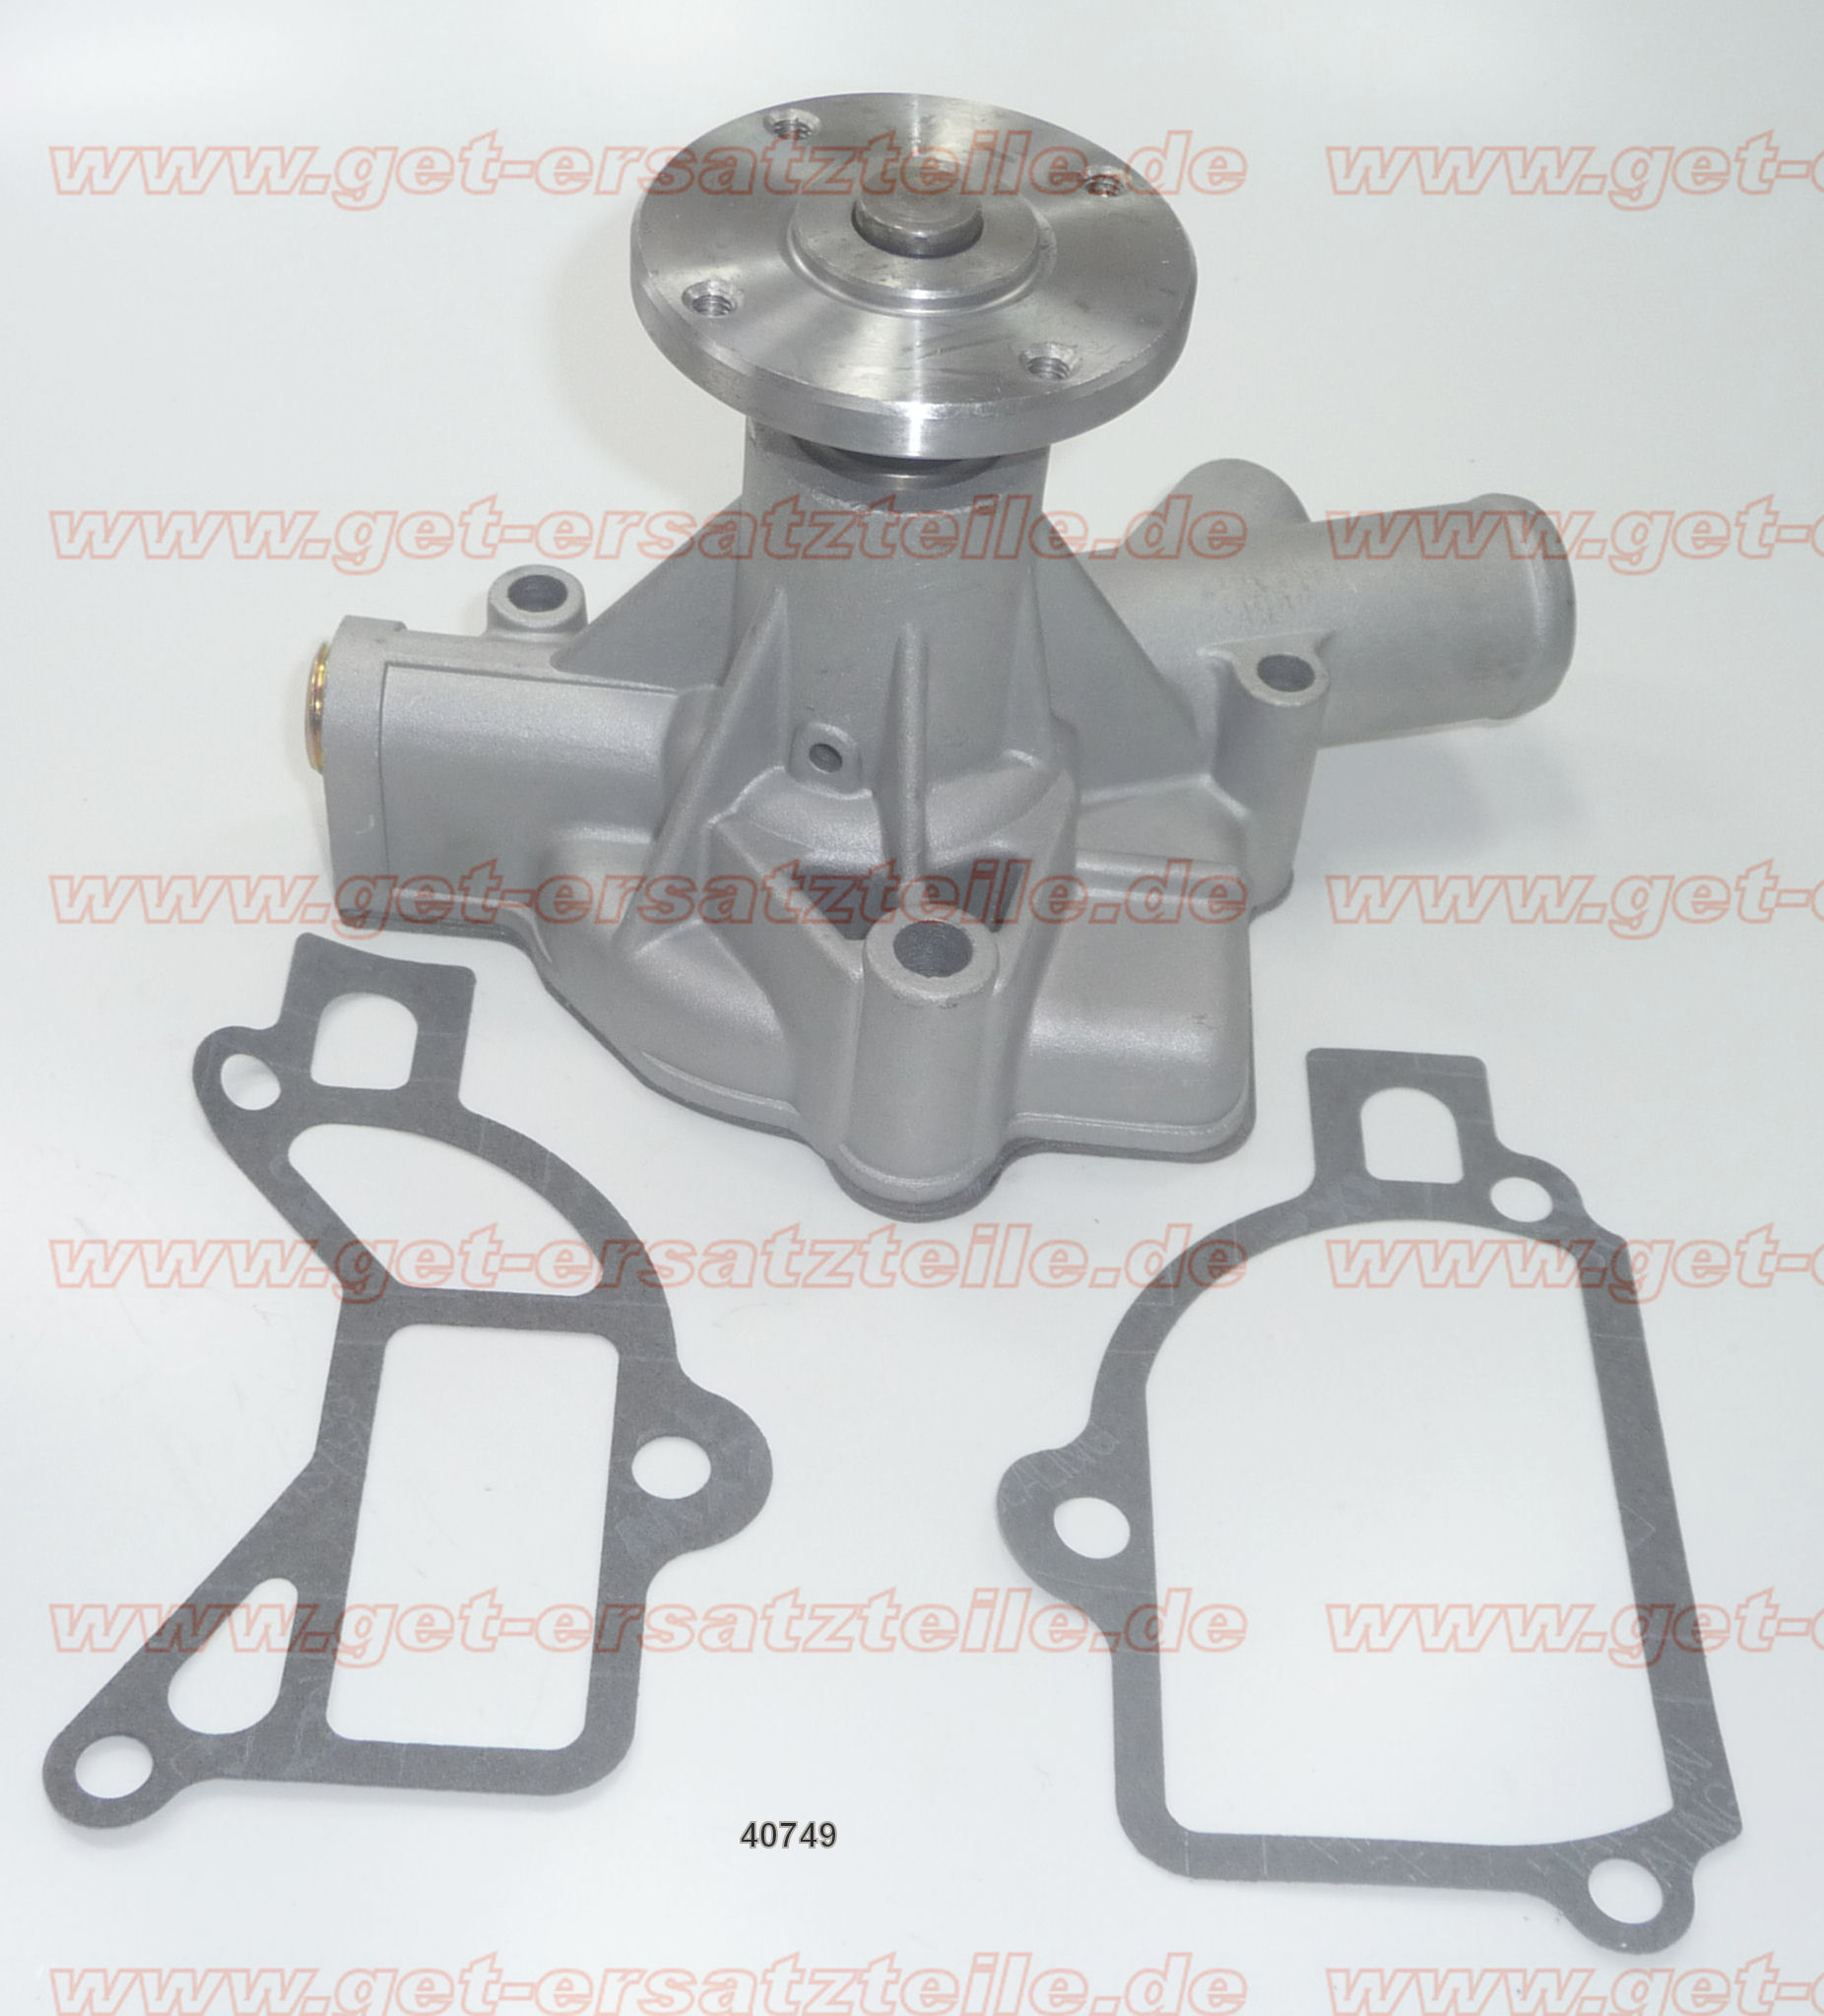 Nissan H20, Wasserpumpe, Temperaturfühler, Keilriemen, Staplerteile, Deutschland